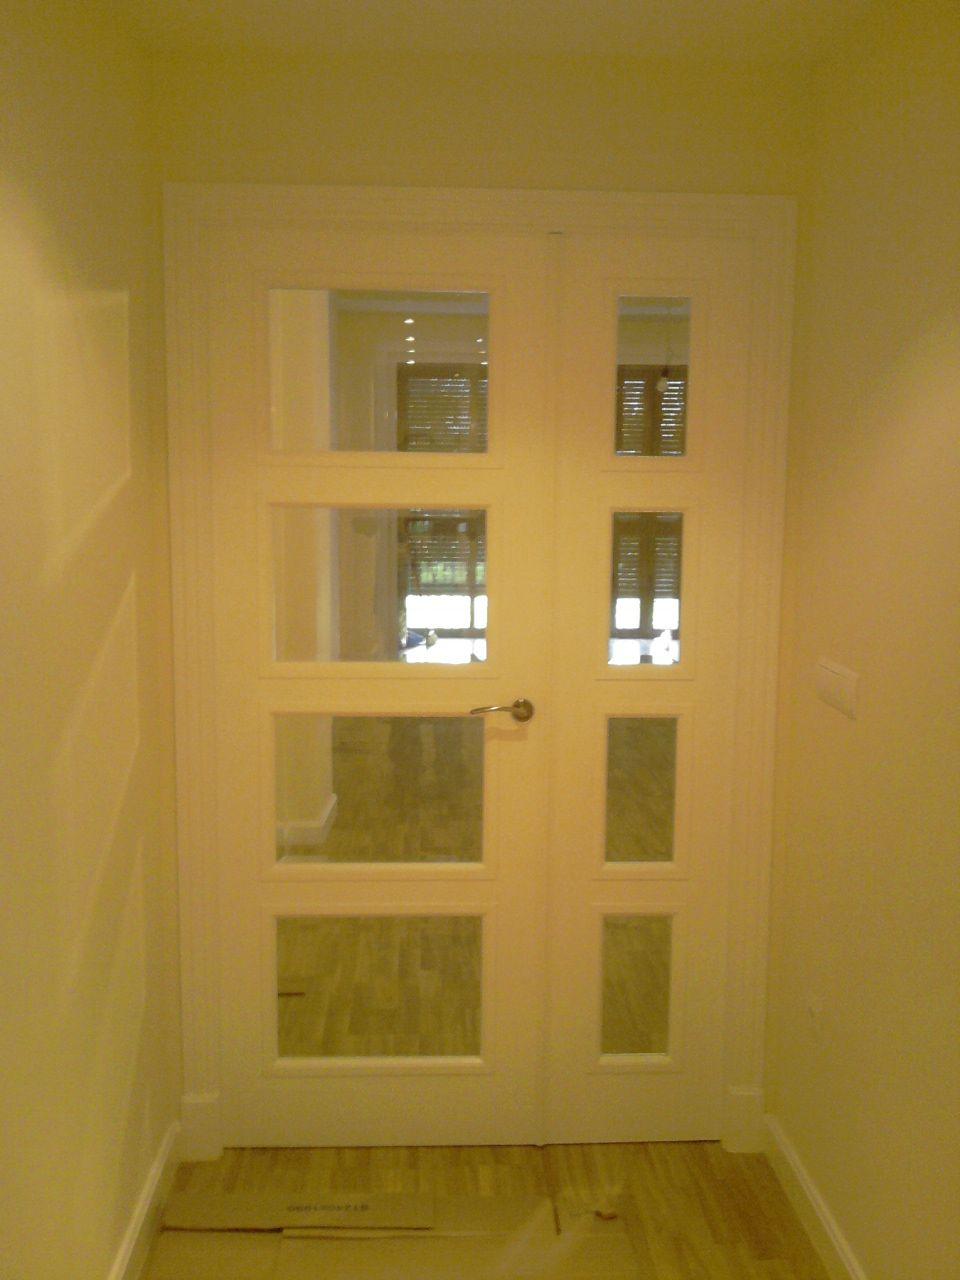 Modelo 5400 Rtl V4 Doble Con Cristal Biselado Transparente Puertas De Aluminio Blanco Puertas Interiores Puertas De Aluminio